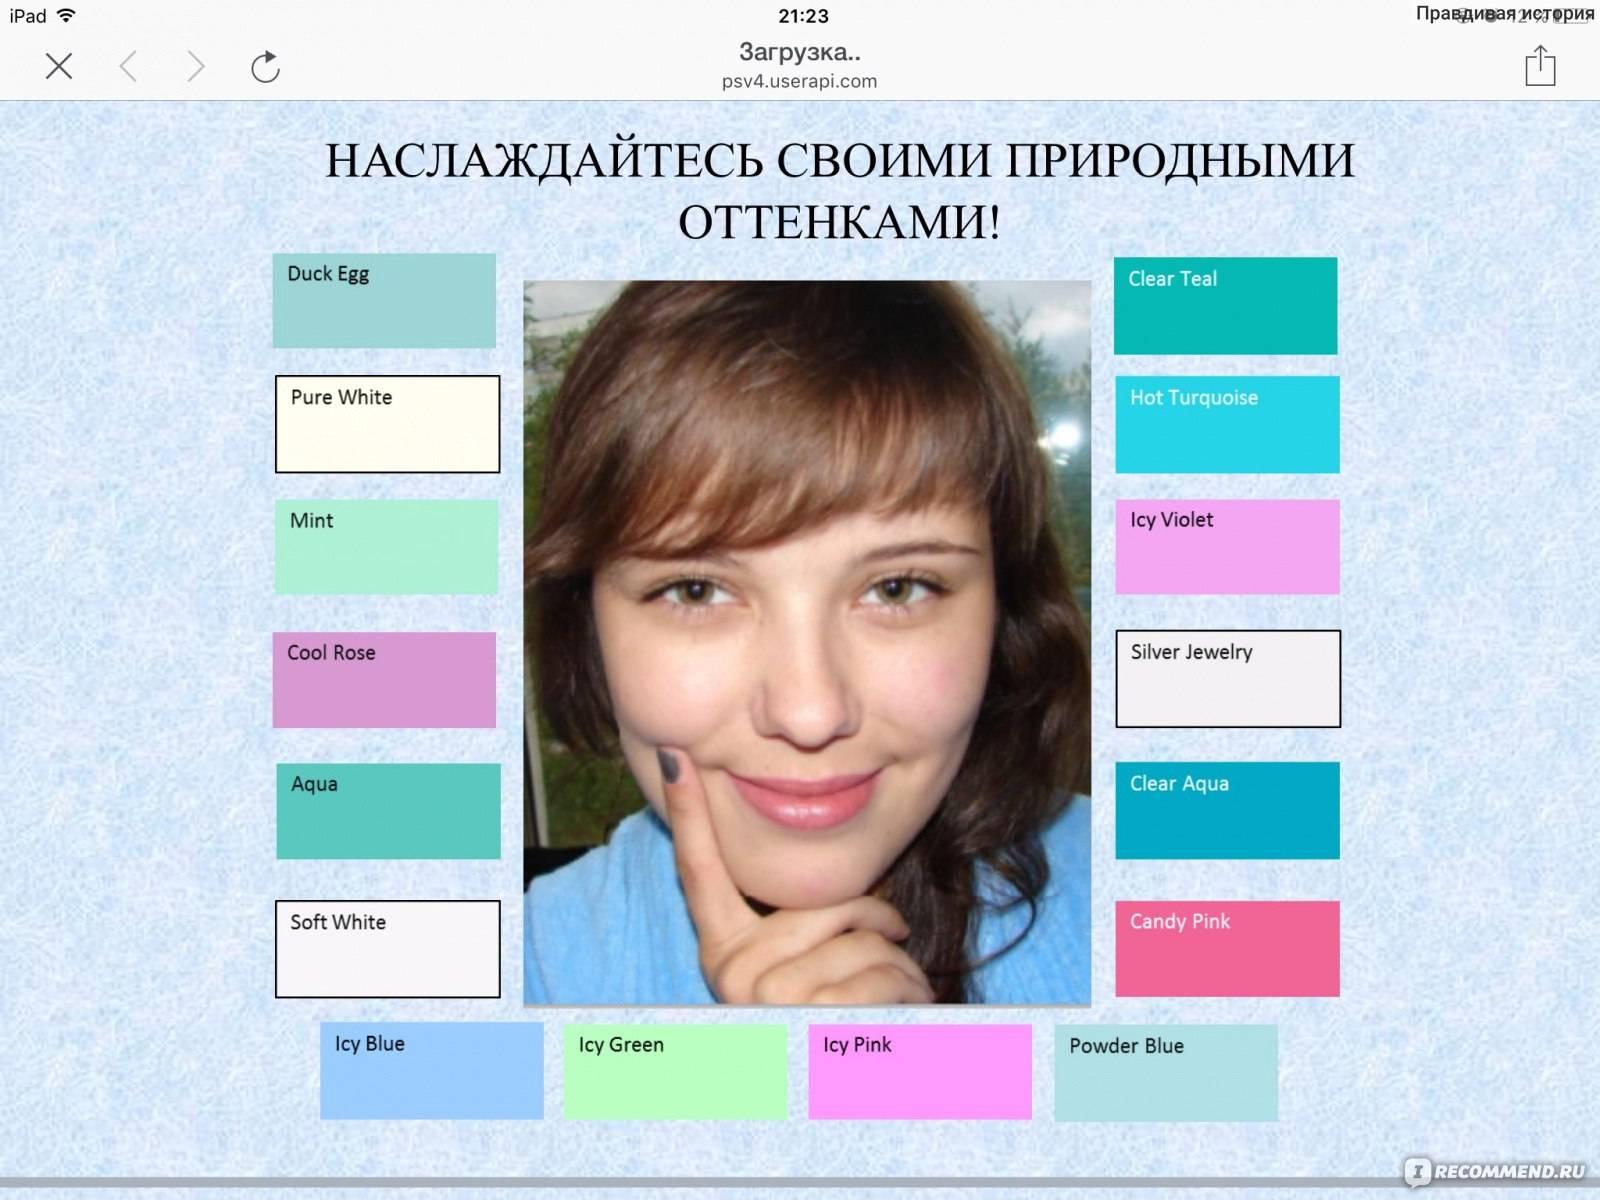 Онлайн-тест на определение цветотипа внешности